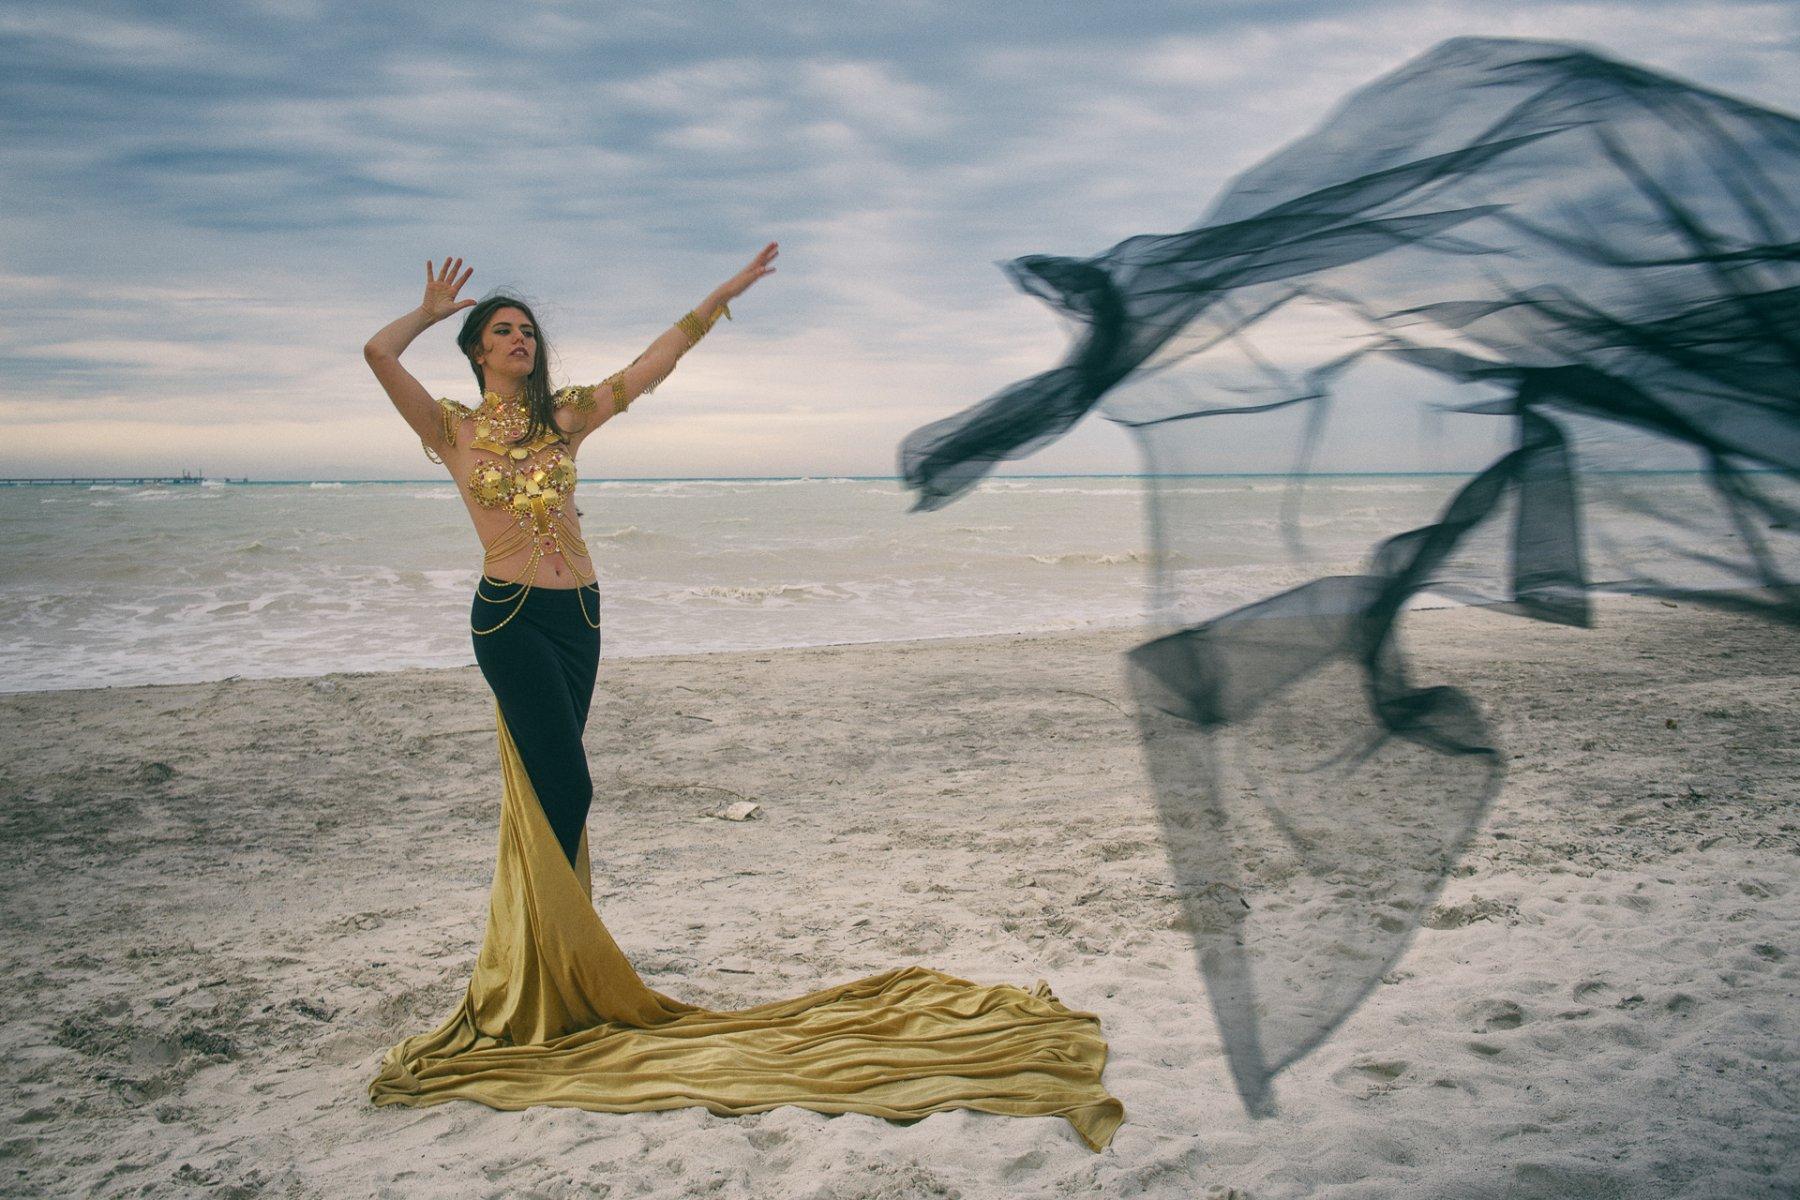 Sea-Queens-Idriss-Guelai-120 Fashion/Adv